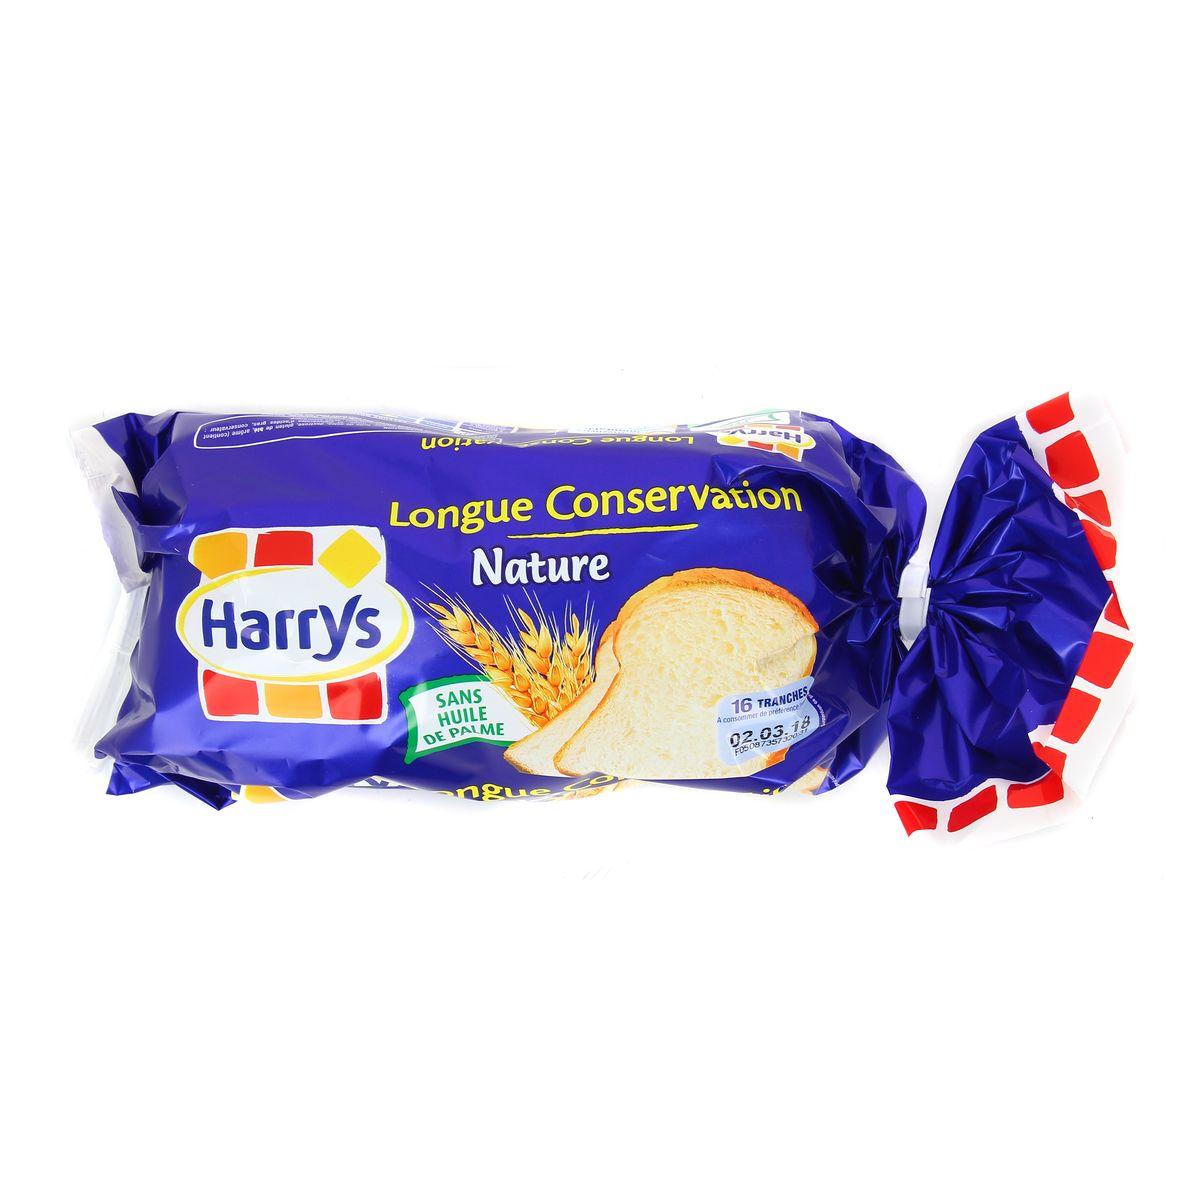 Pain de mie longue conservation, Harry's (250 g)